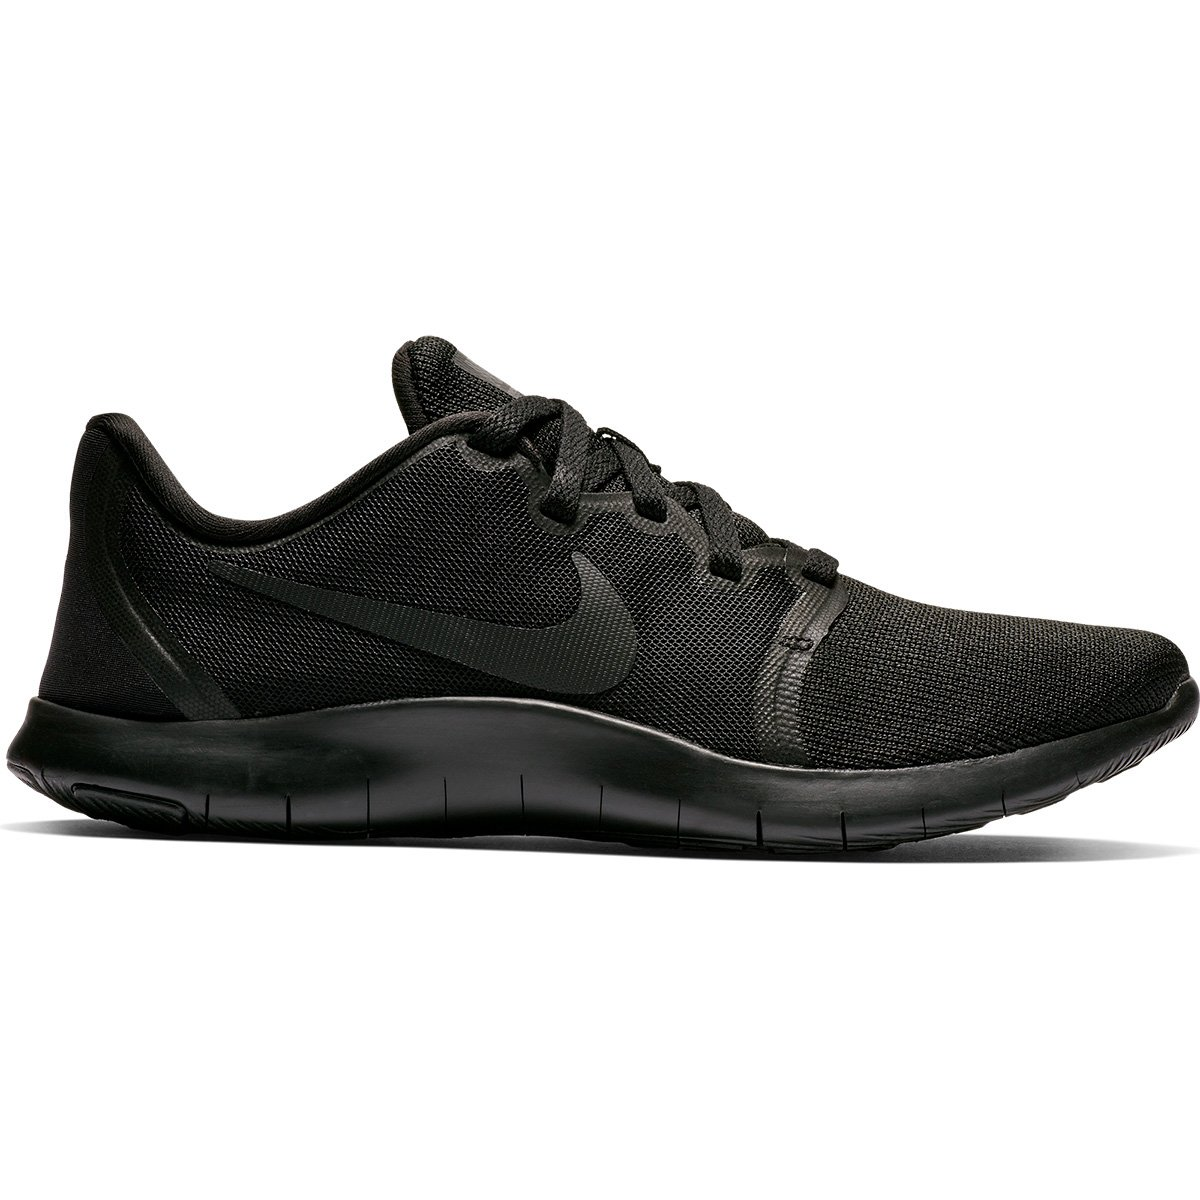 442437fec08 Tênis Nike Flex Contact 2 Feminino - Preto - Compre Agora